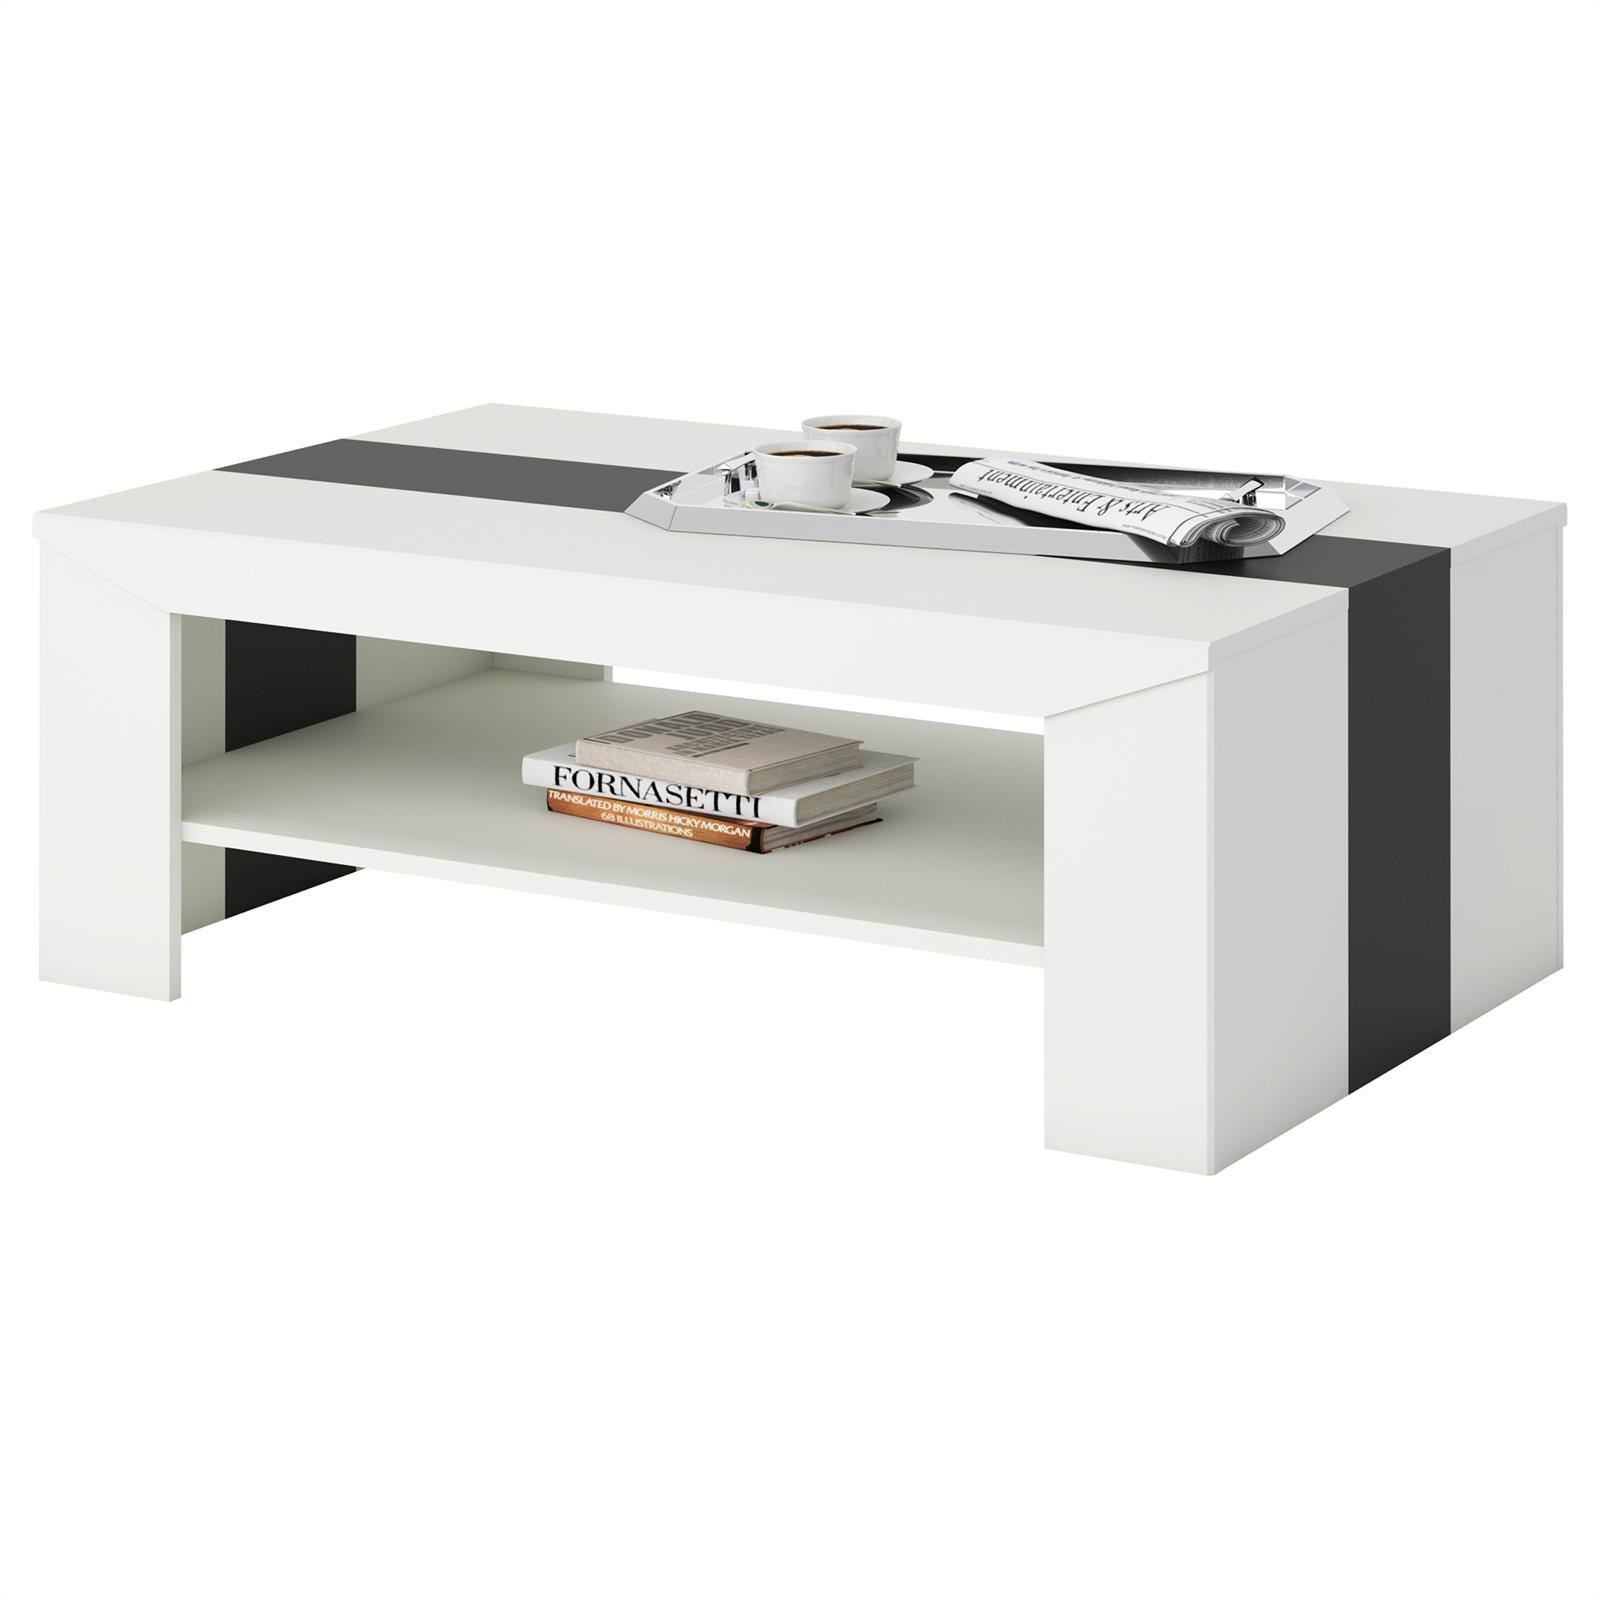 Table-basse-de-salon-MDF-melamine-2-coloris-disponibles